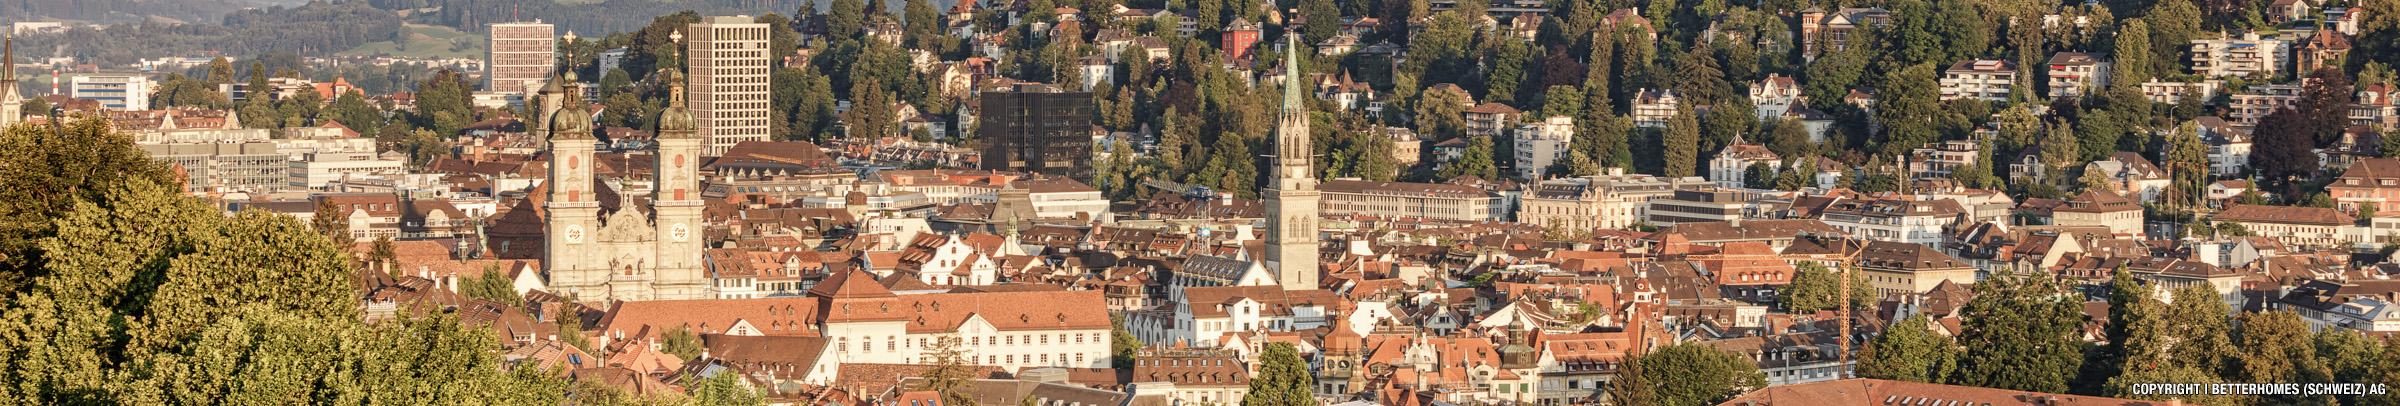 St. Gallen-.jpg